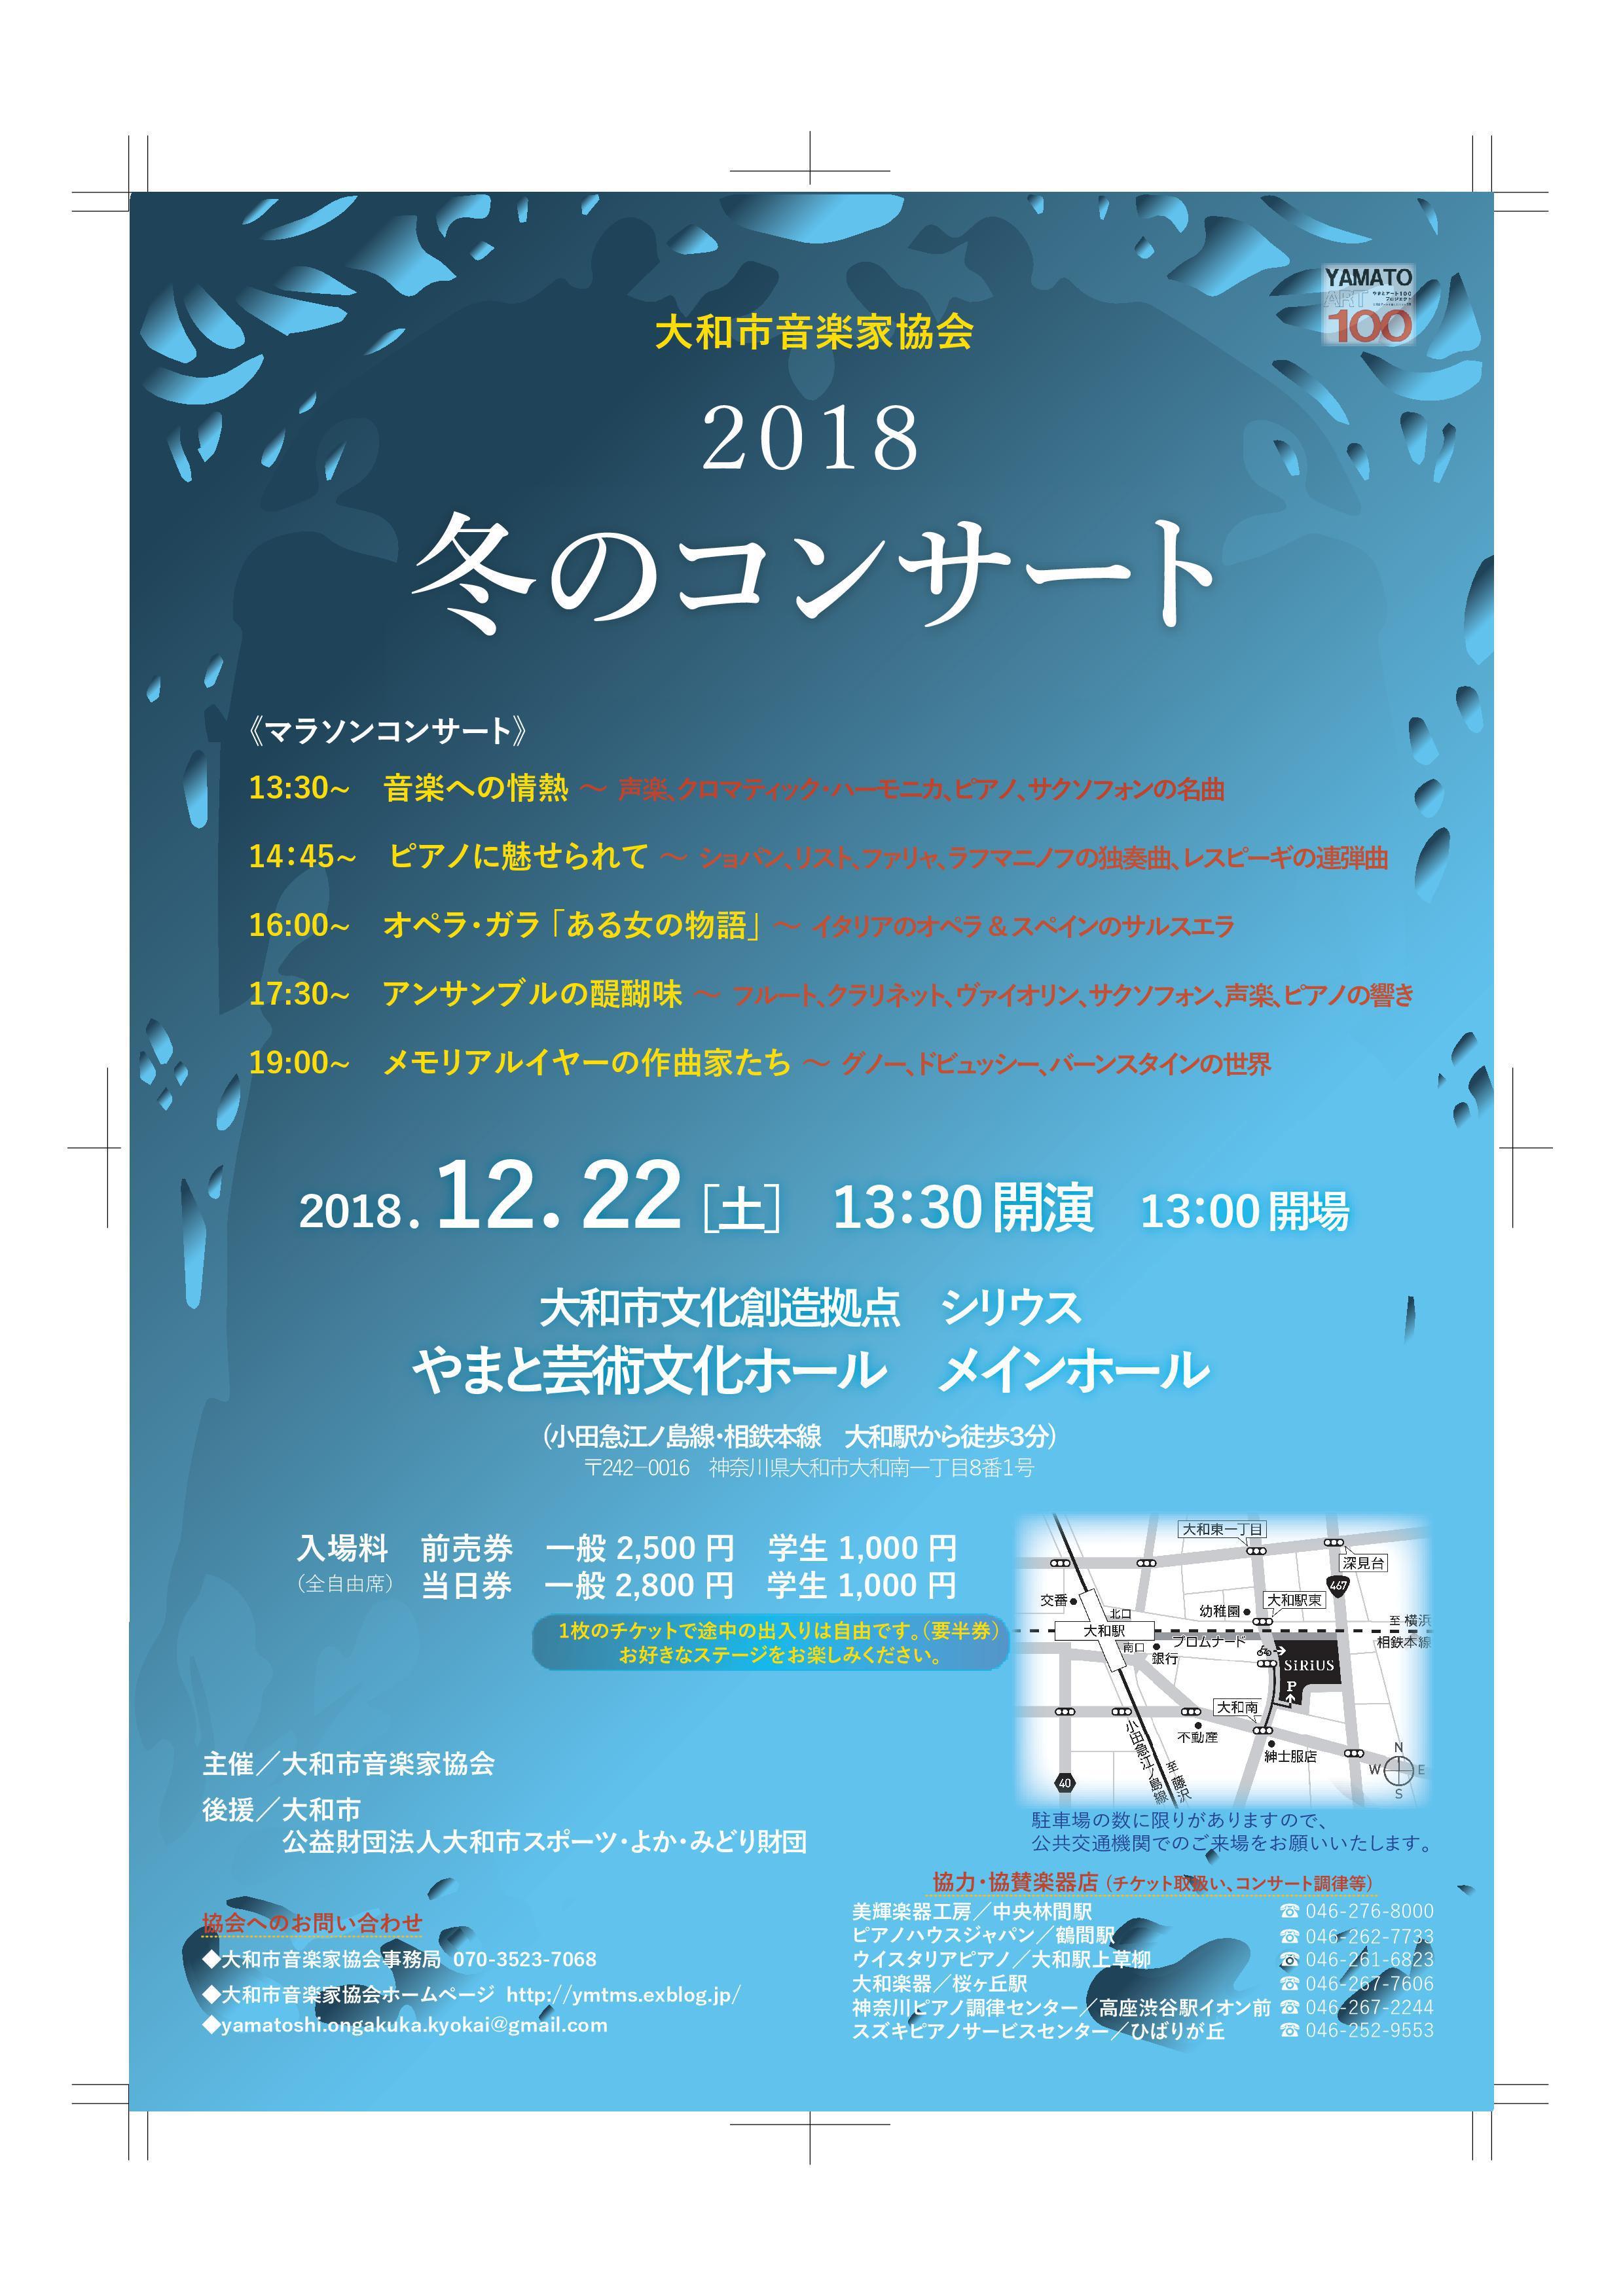 2018冬のコンサート(声楽・管弦・ピアノ)